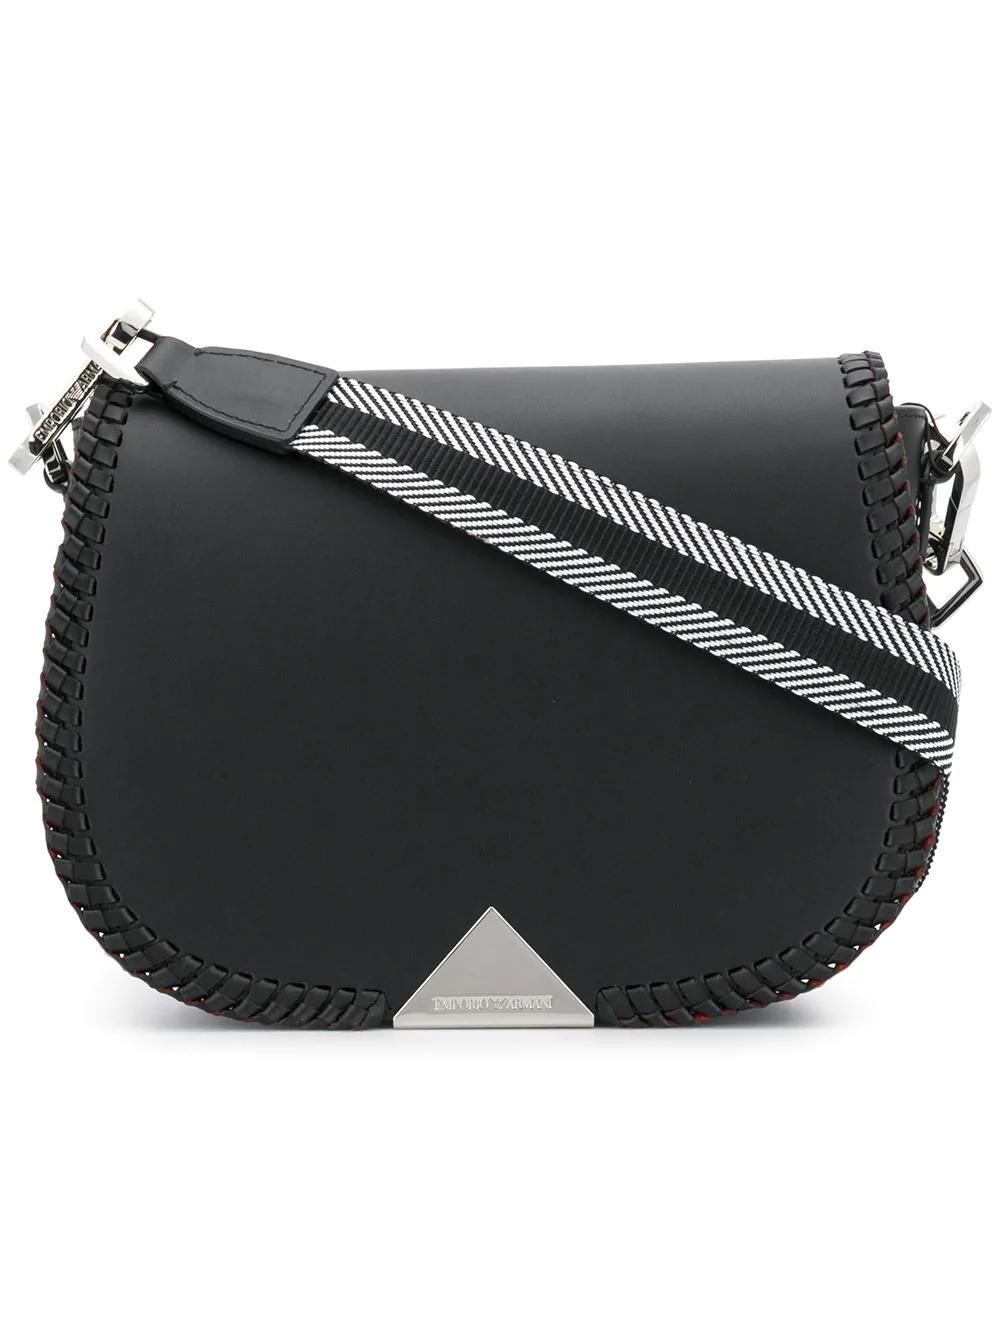 Emporio Armani Weave Shoulder Bag - Black  7e843f17f1ddc